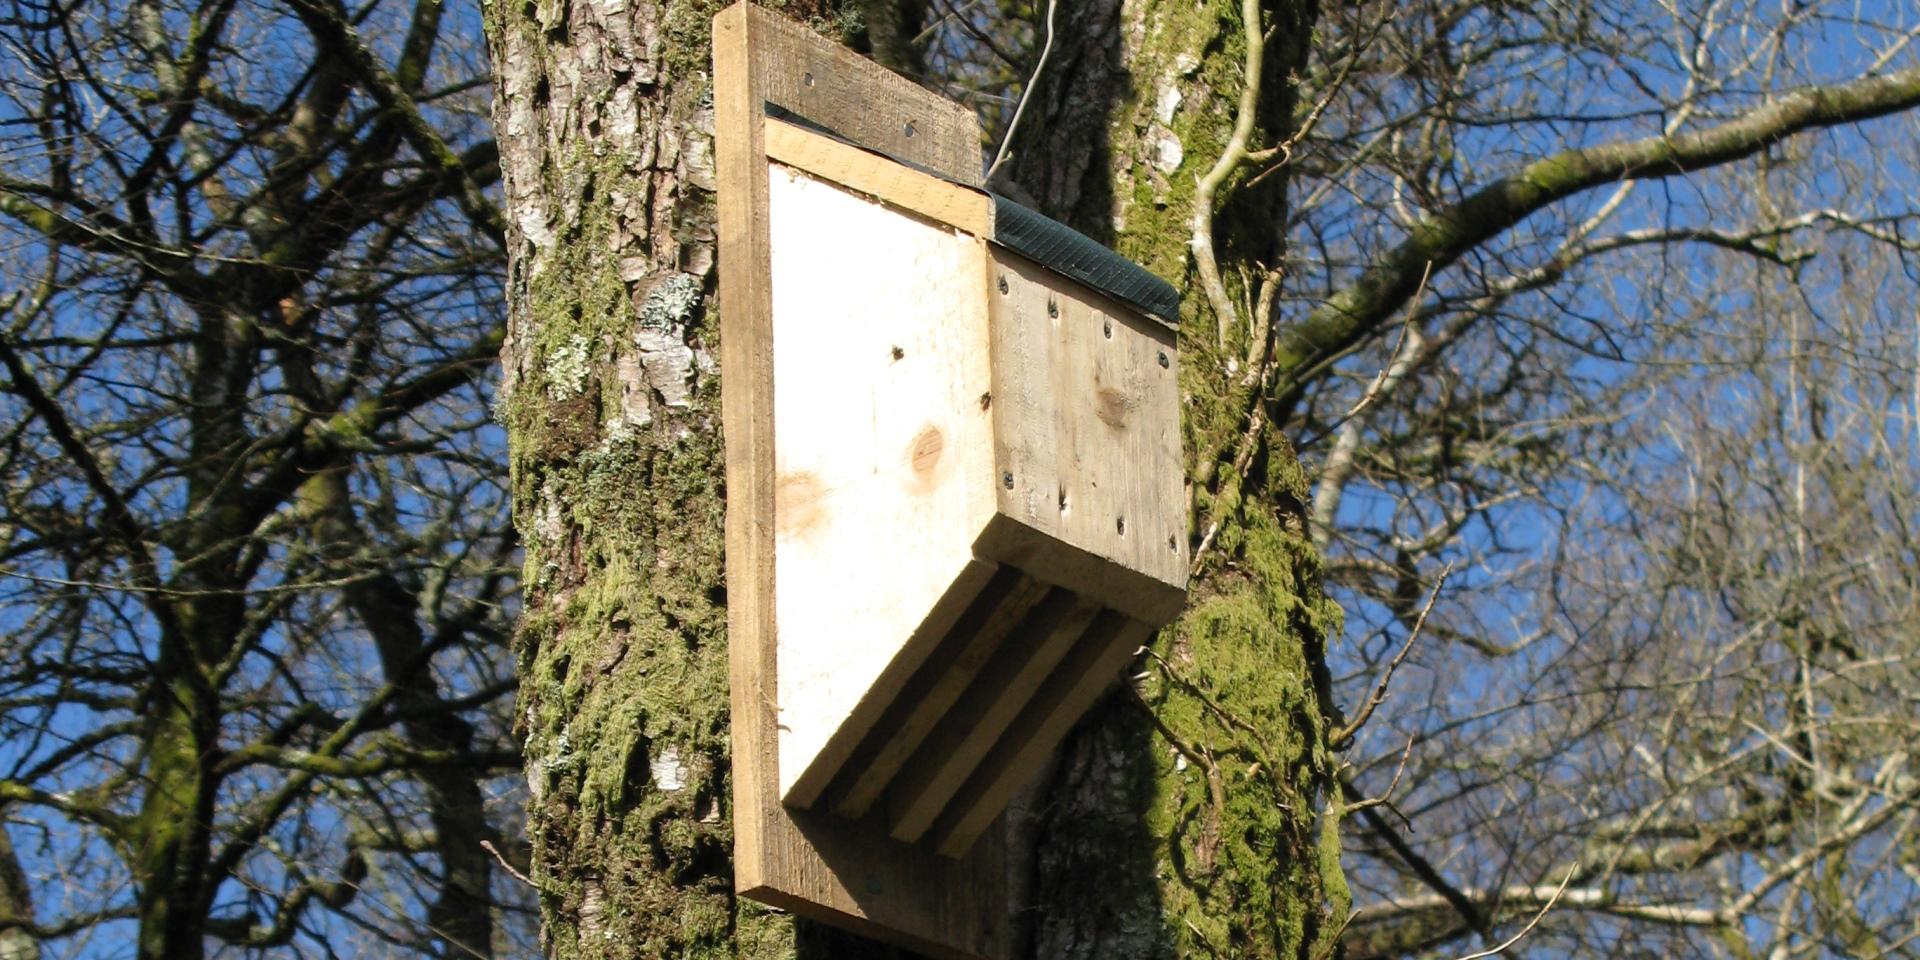 Bat box in tree